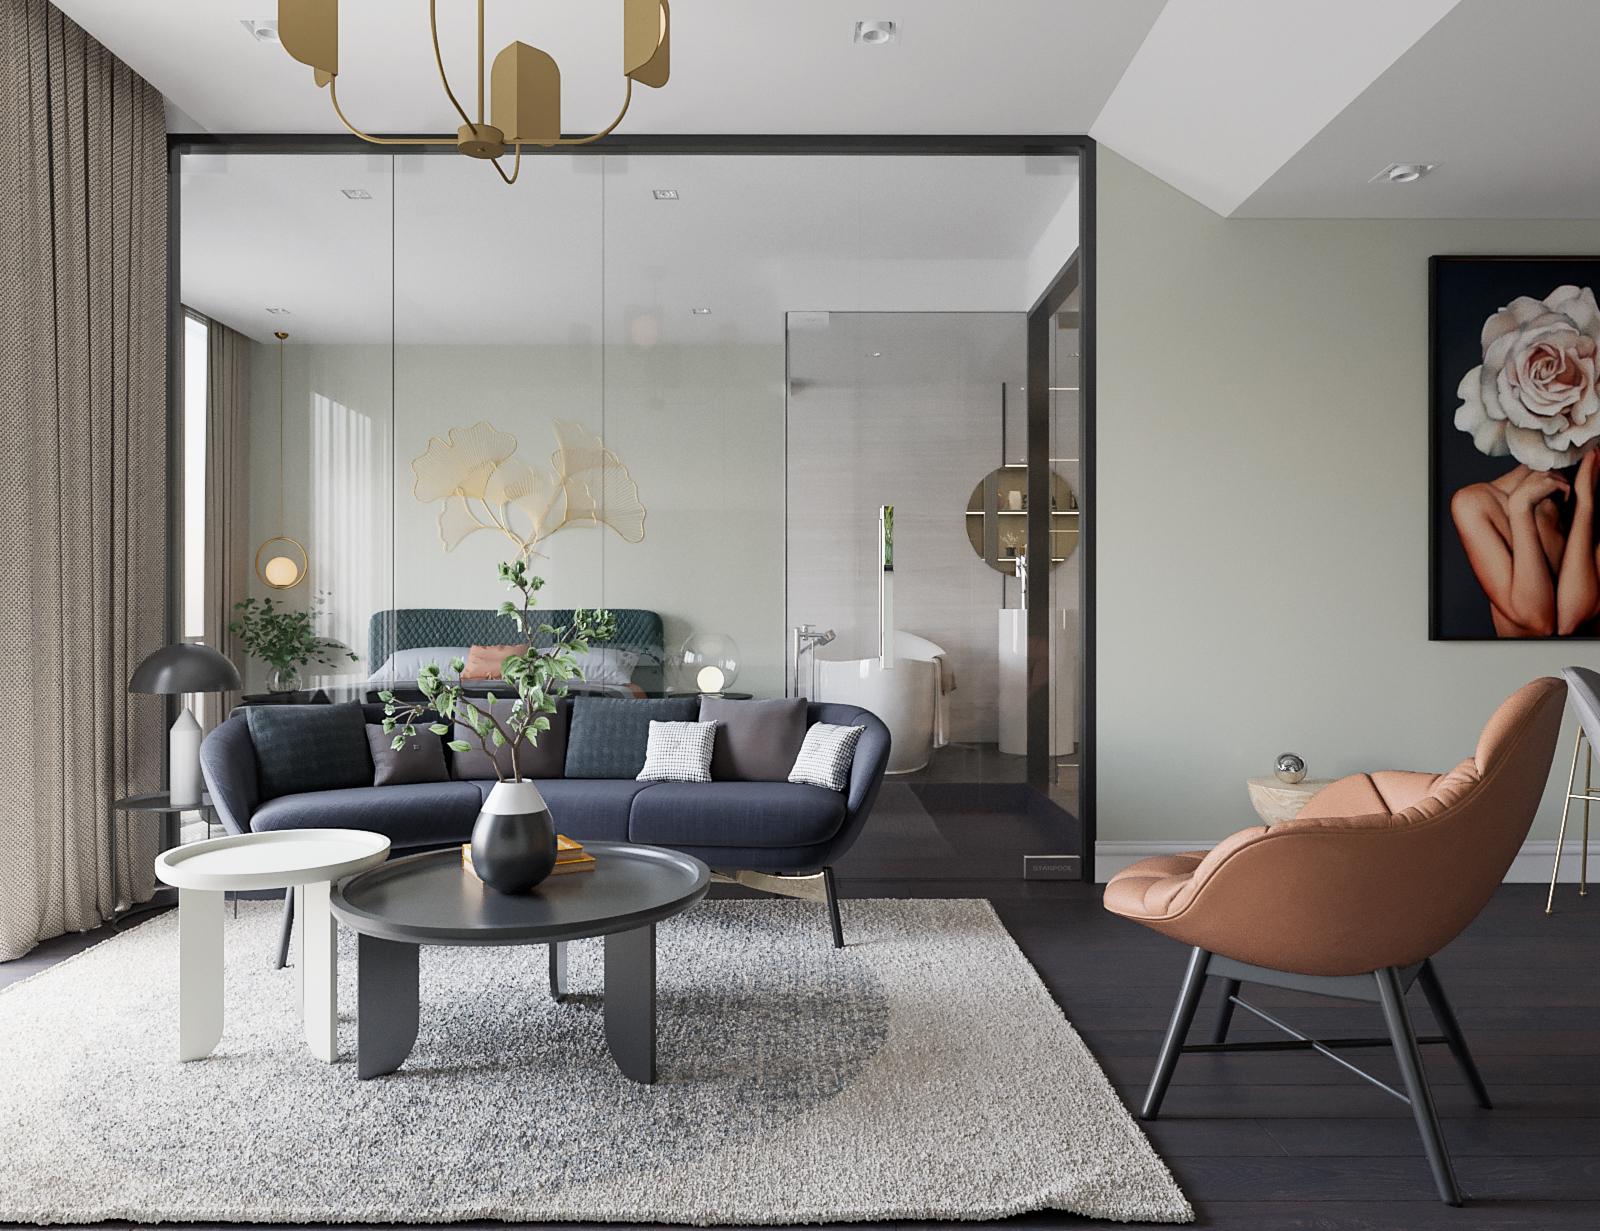 thiết kế nội thất nhà phố phòng khách